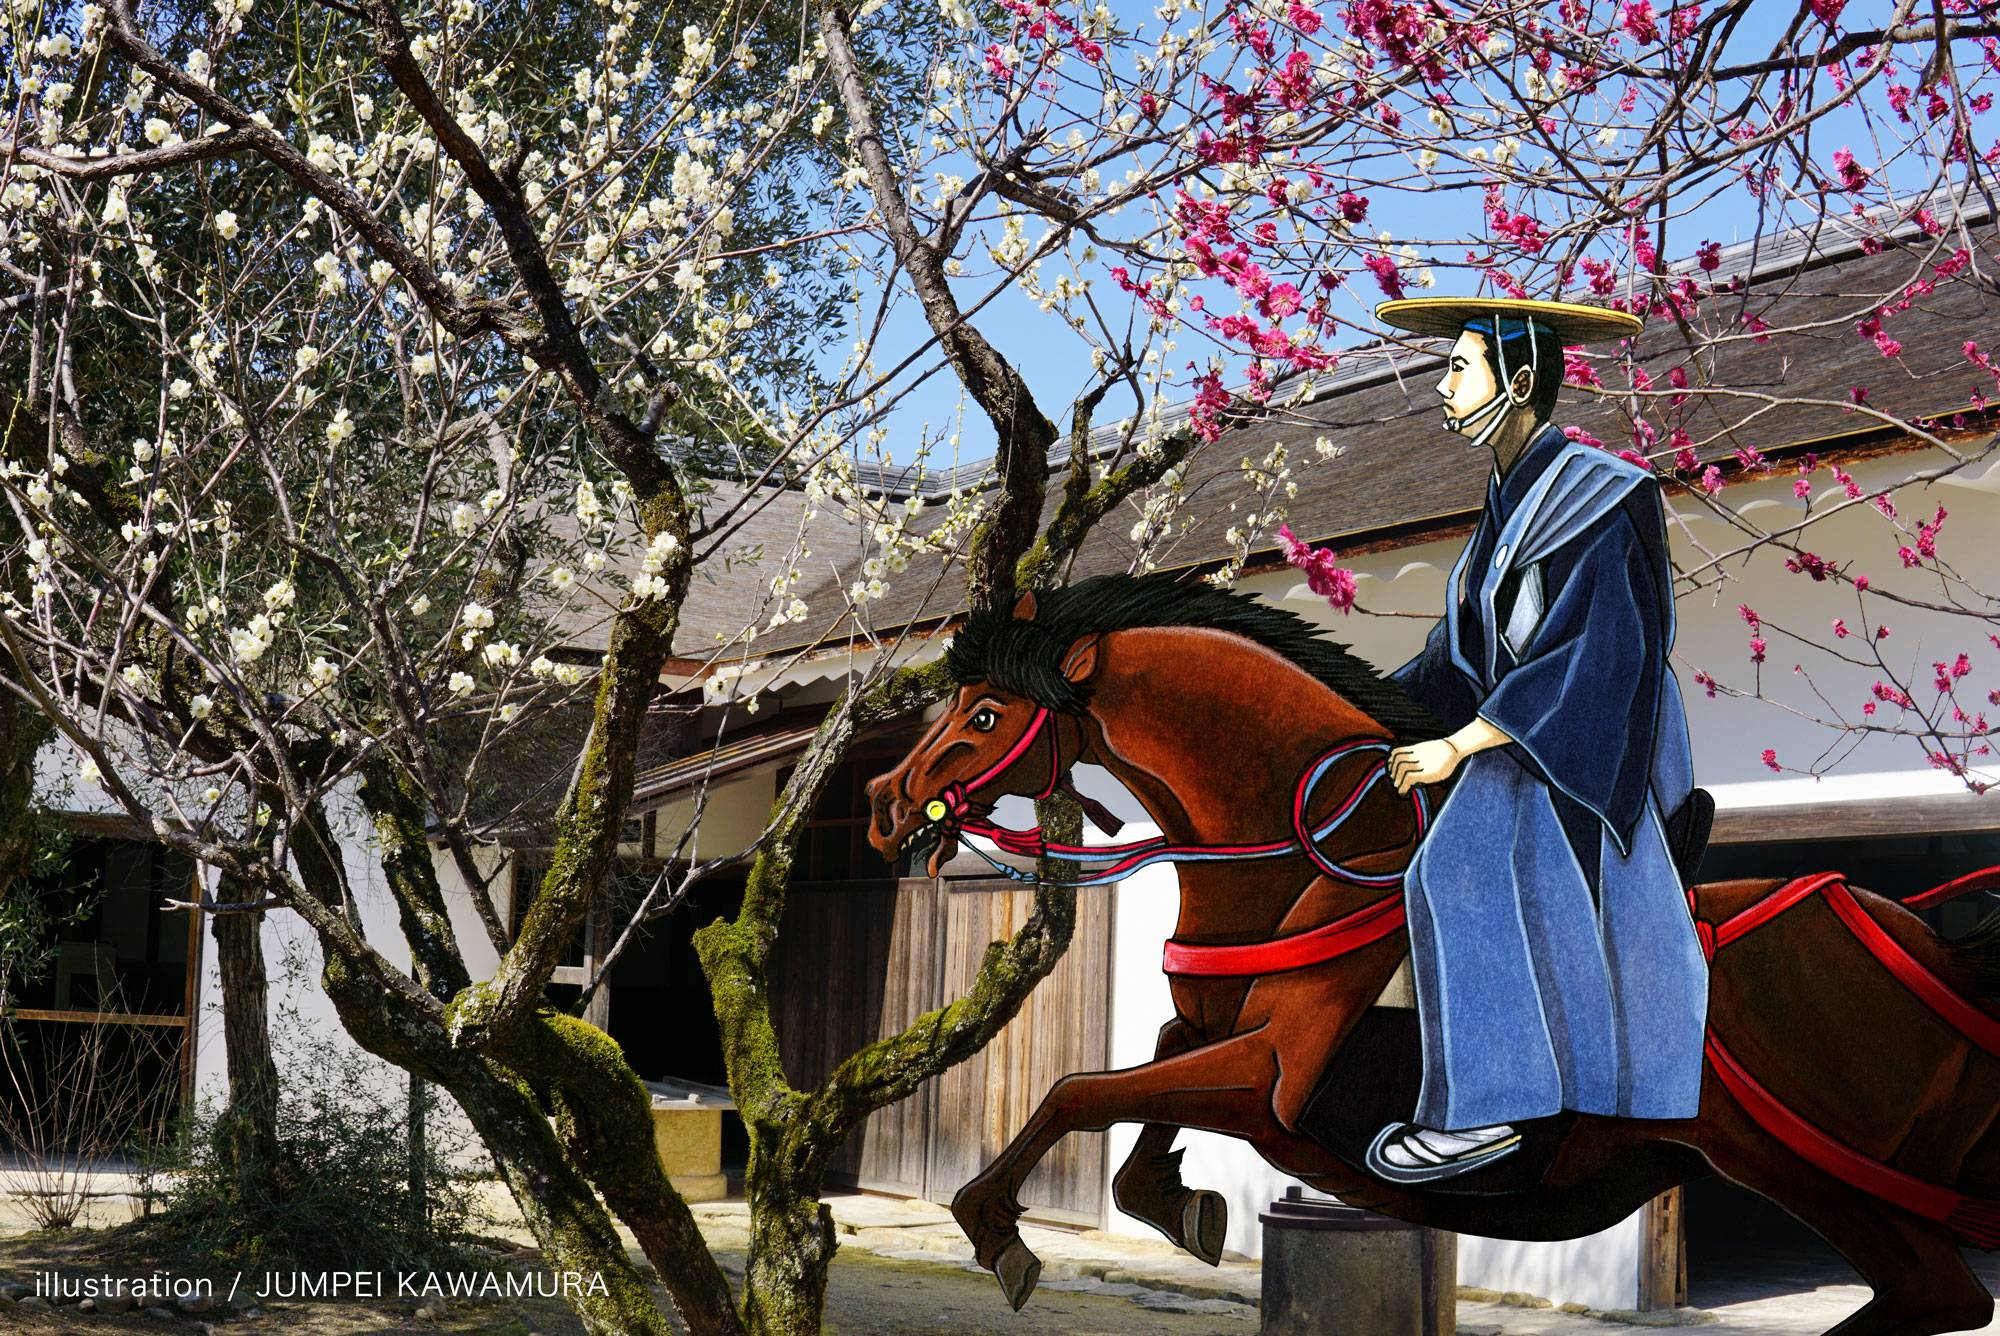 |彦根お天気ブログ|  彦根城の梅は咲いたか、桜はまだかいな〜